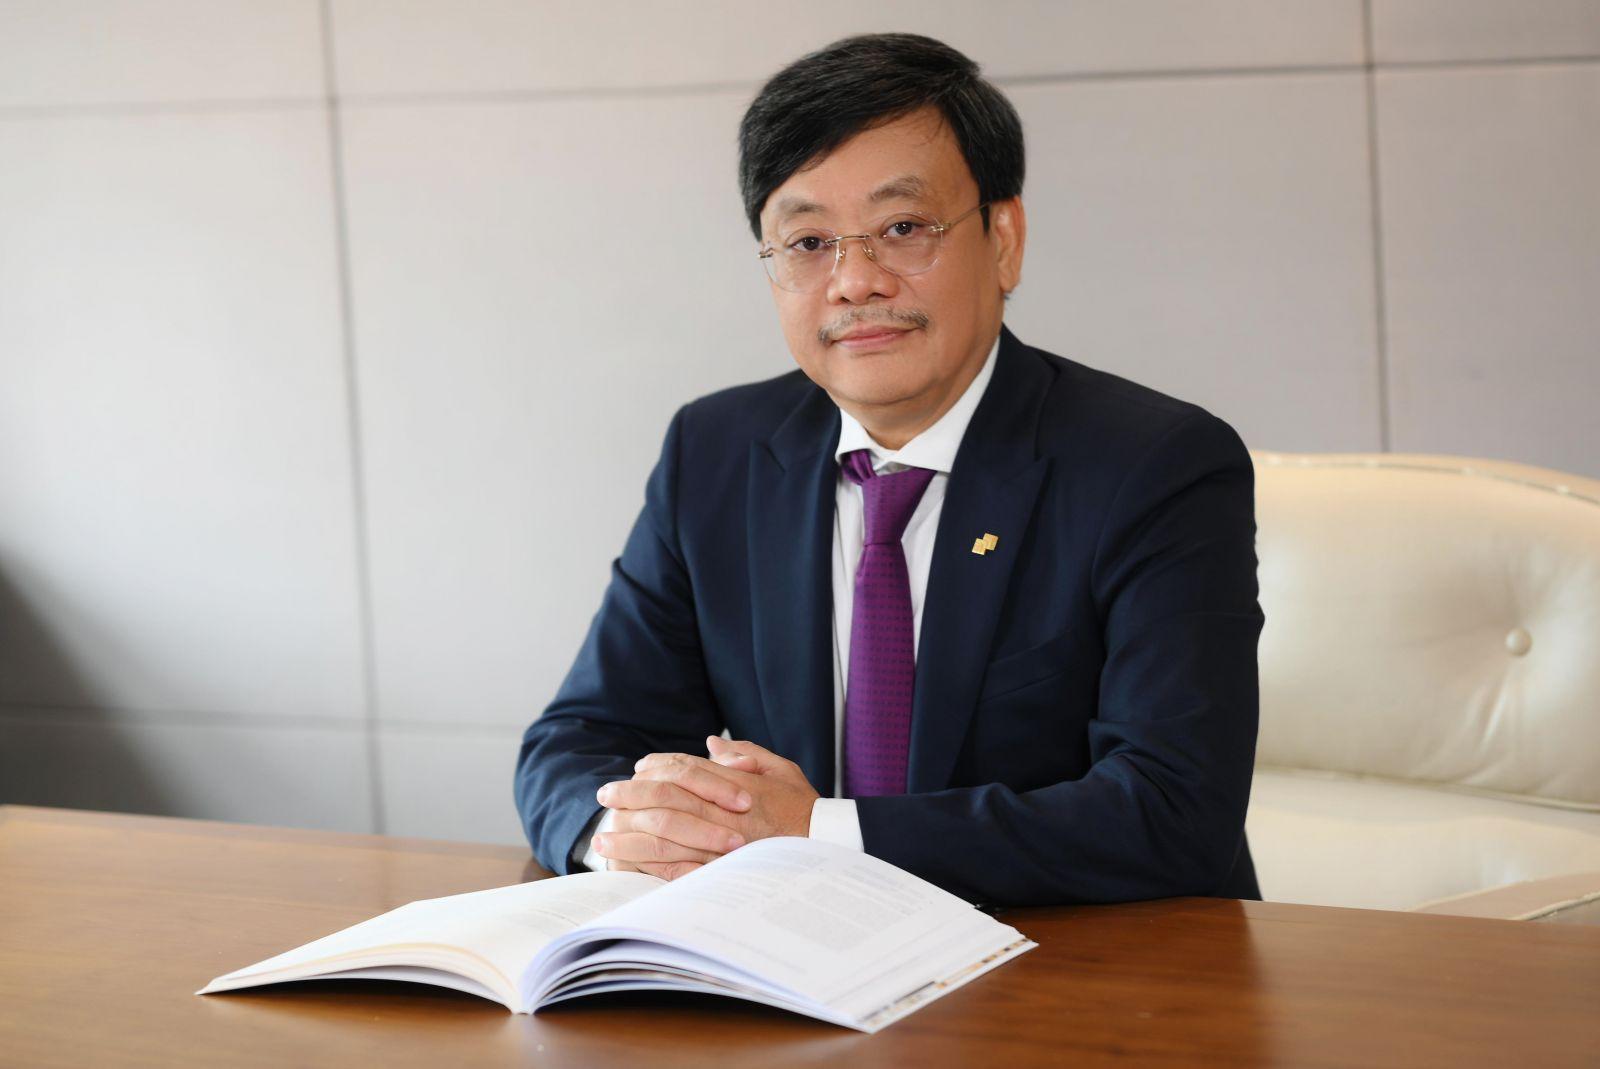 Chủ tịch Hội đồng Quản trị Masan Group, Tiến sĩ Nguyễn Đăng Quang